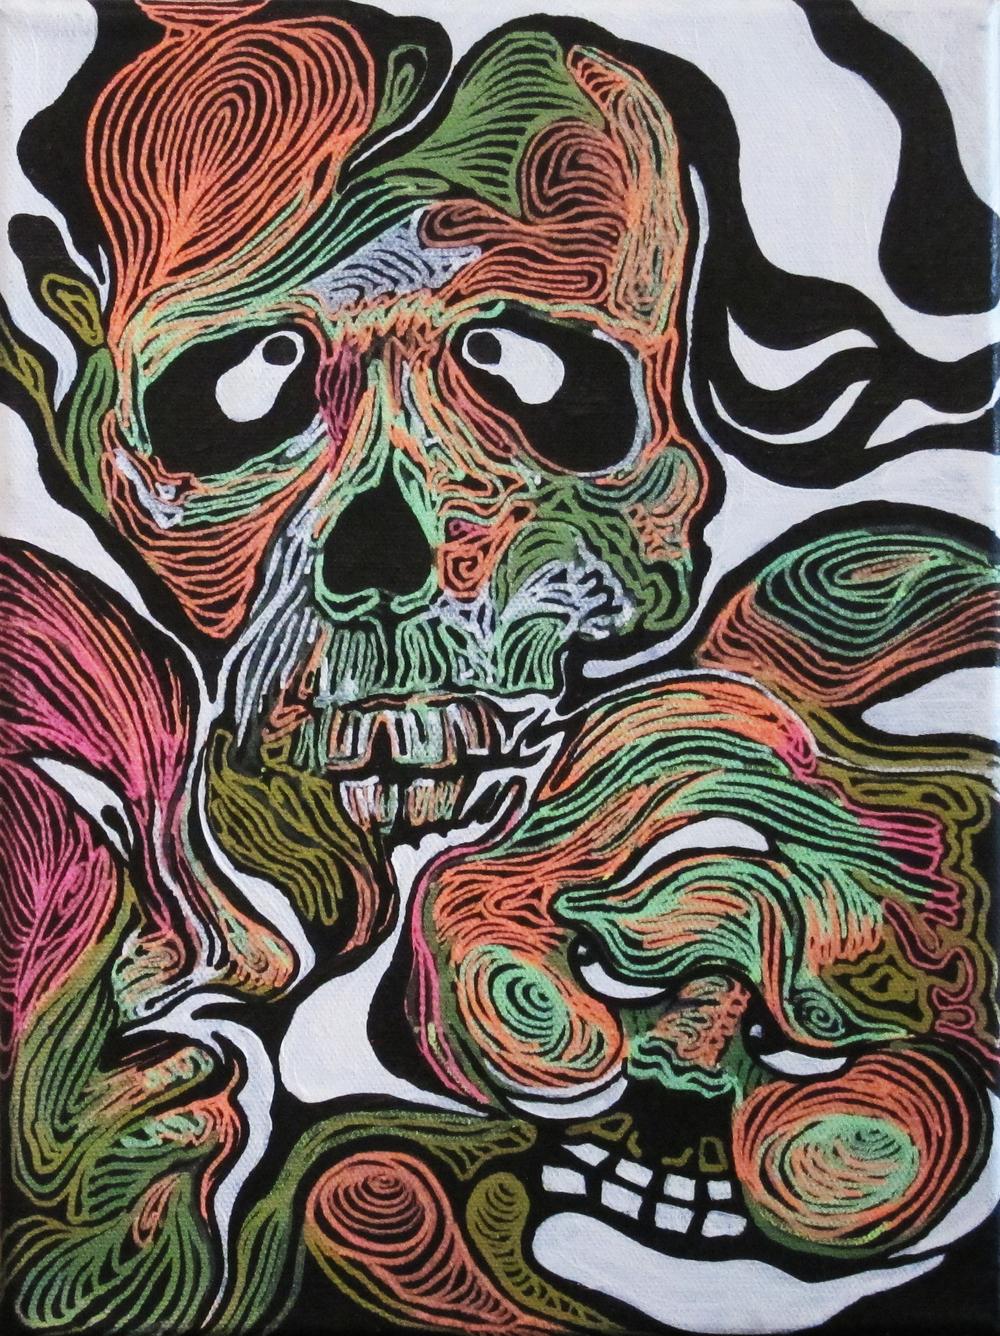 9 inch x 15 inch  Acrylic on Canvas  2014